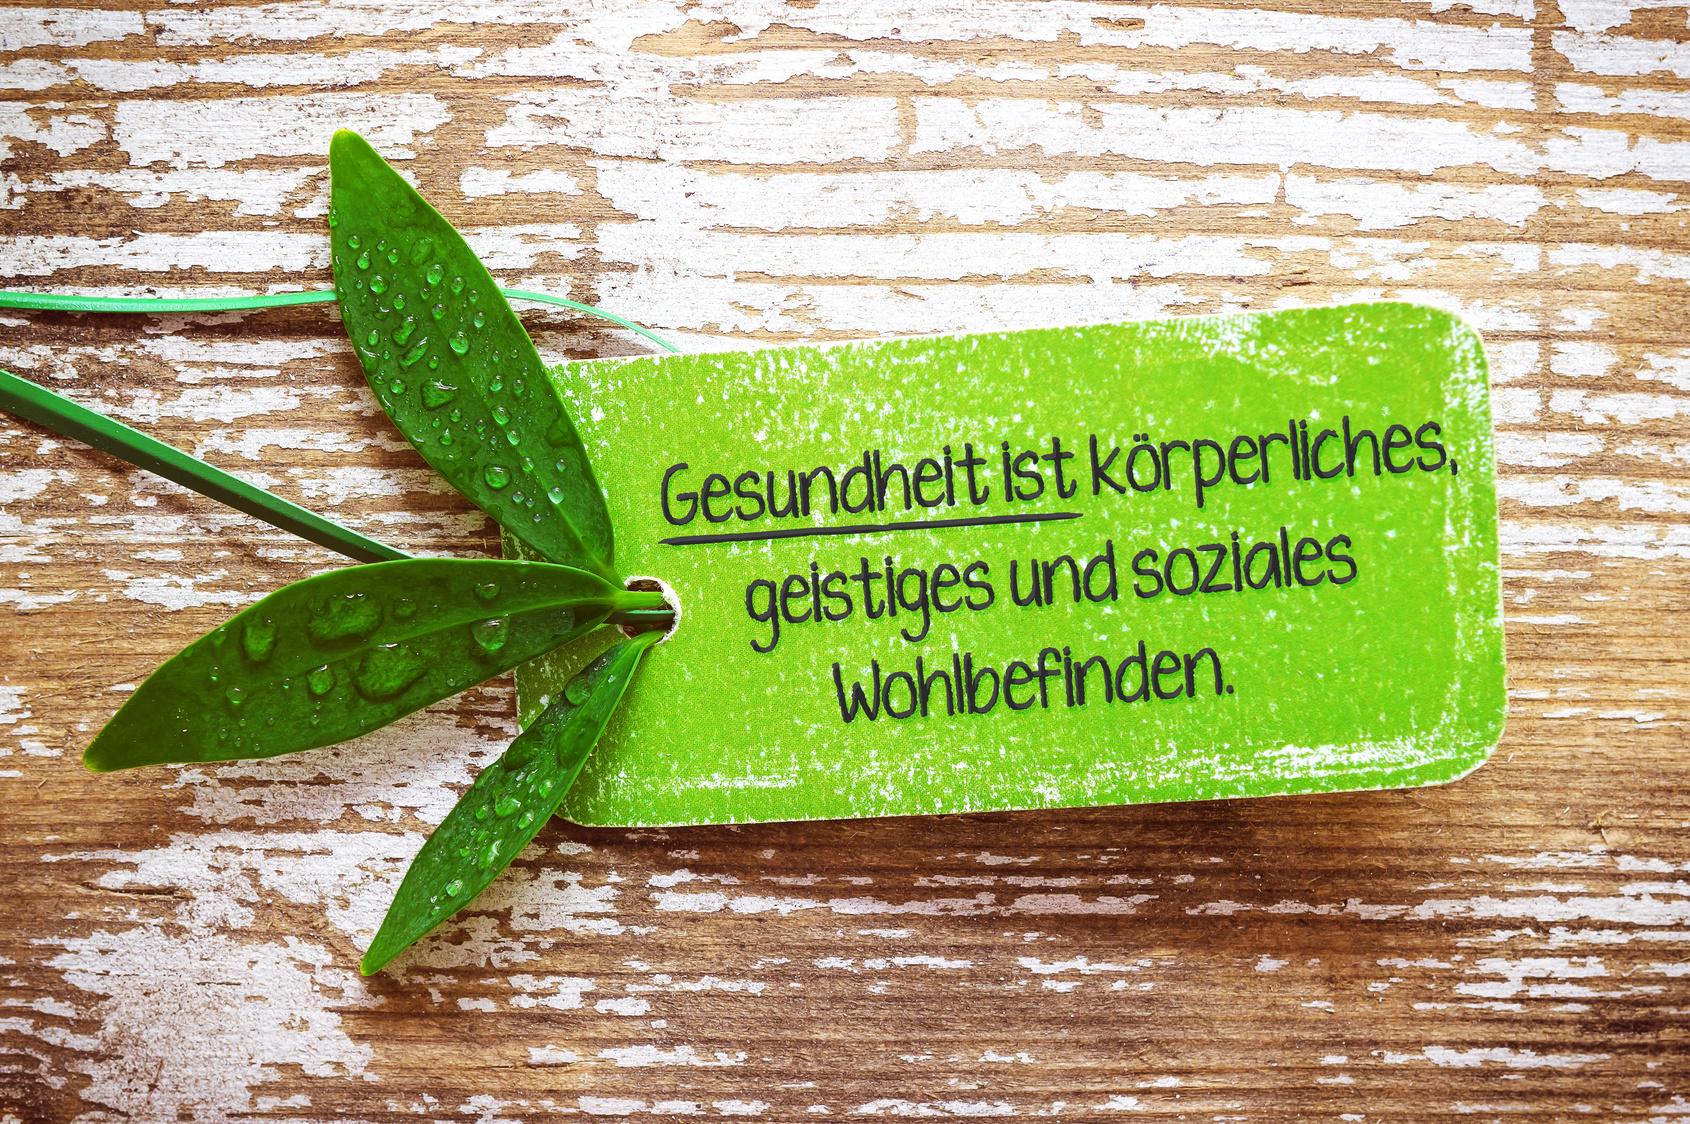 Gesundheit ist körperliches, geistiges und soziales Wohlbefinden.